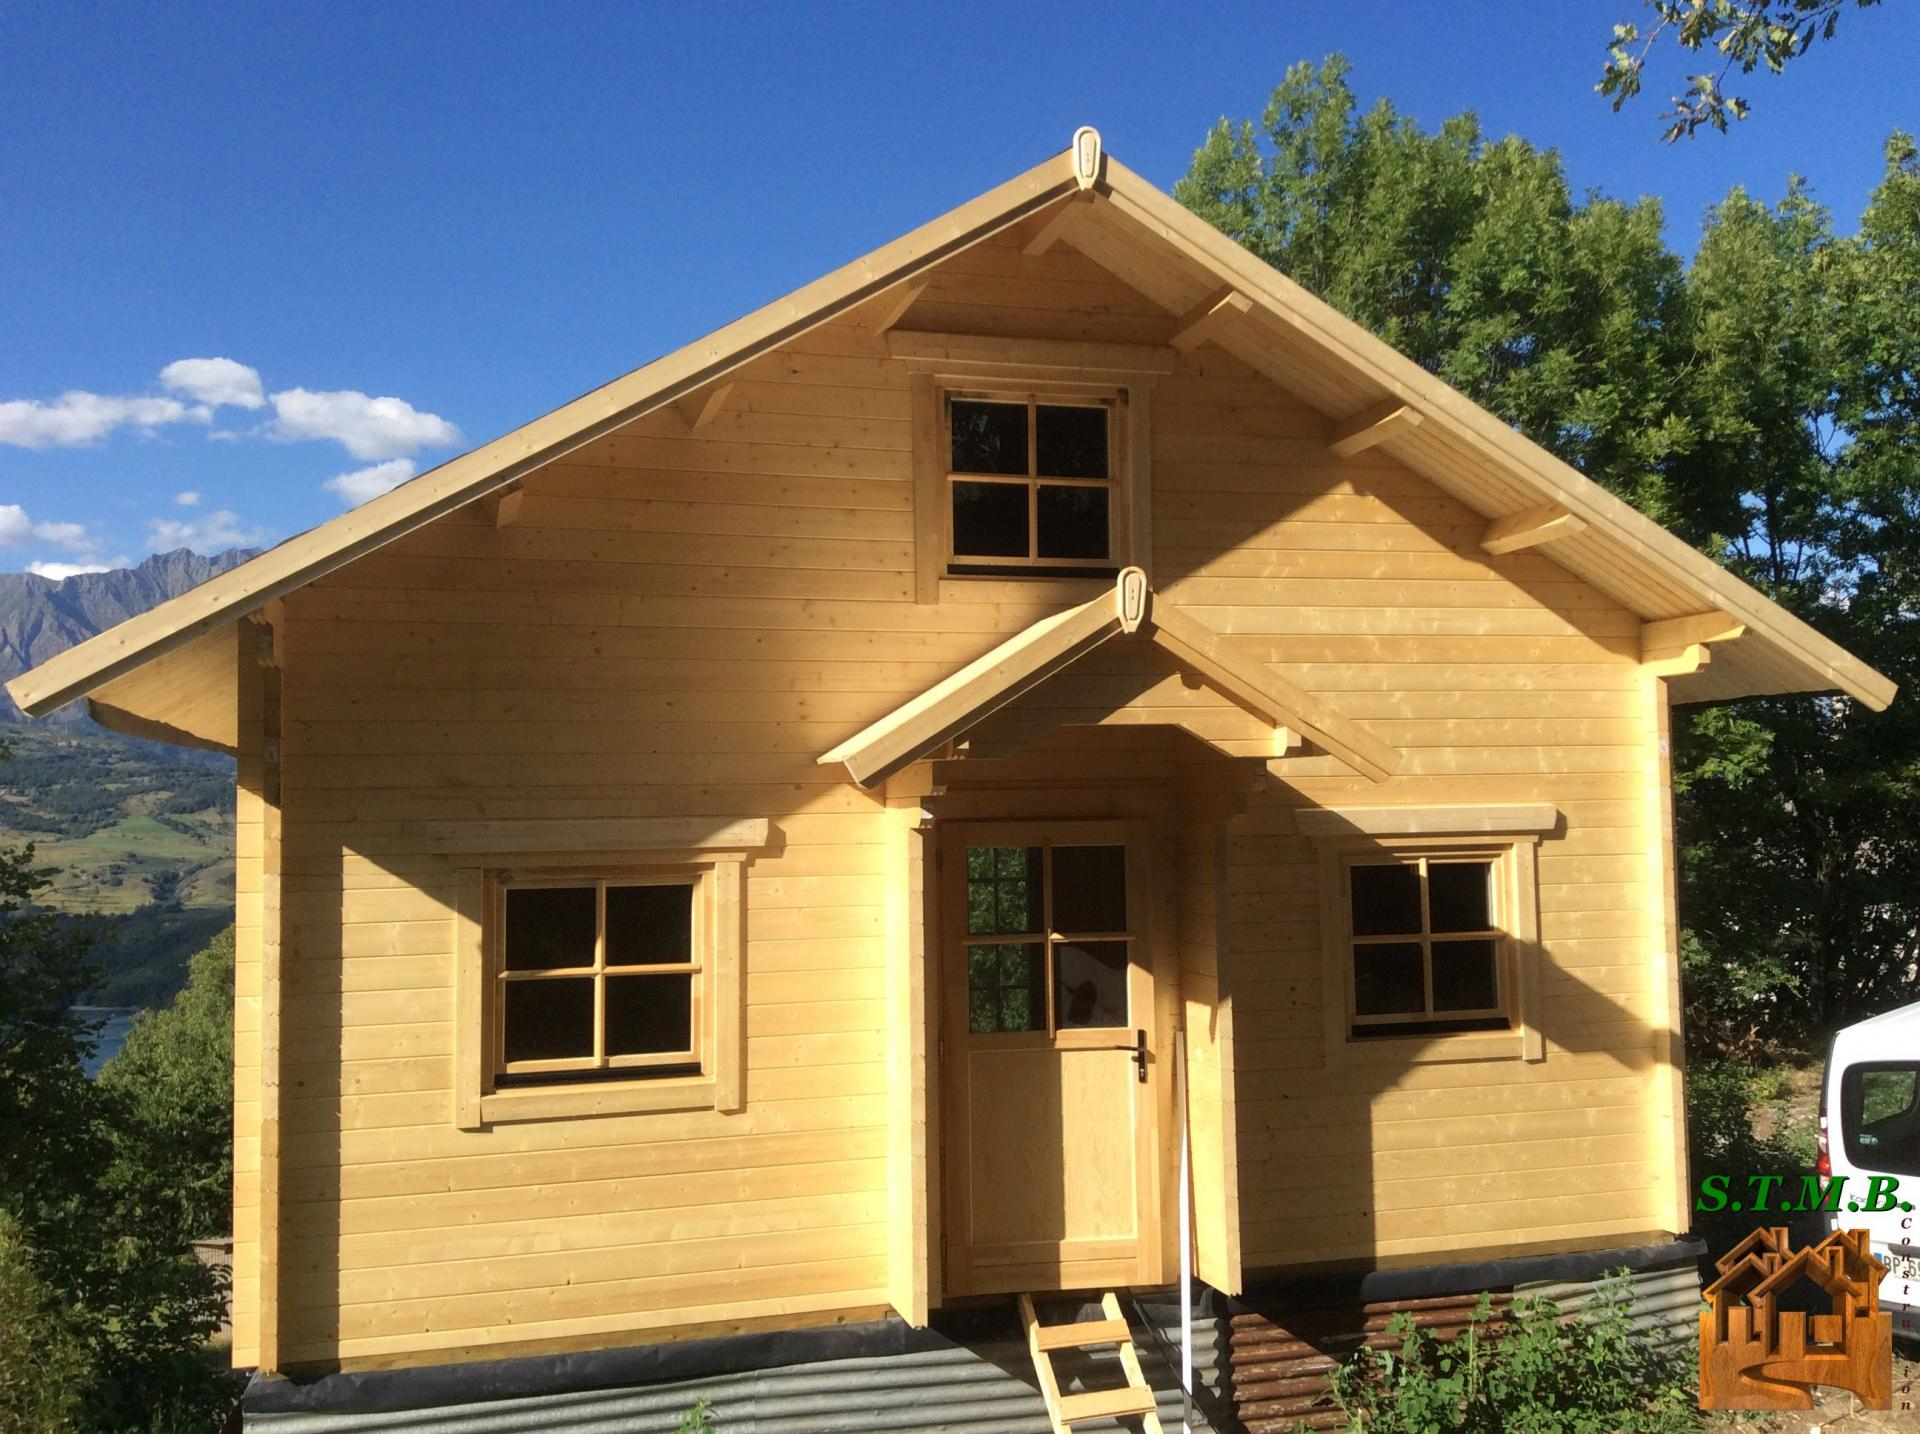 Fabricant Constructeur De Kits Chalets En Bois Habitables - Stmb concernant Abri De Jardin Habitable